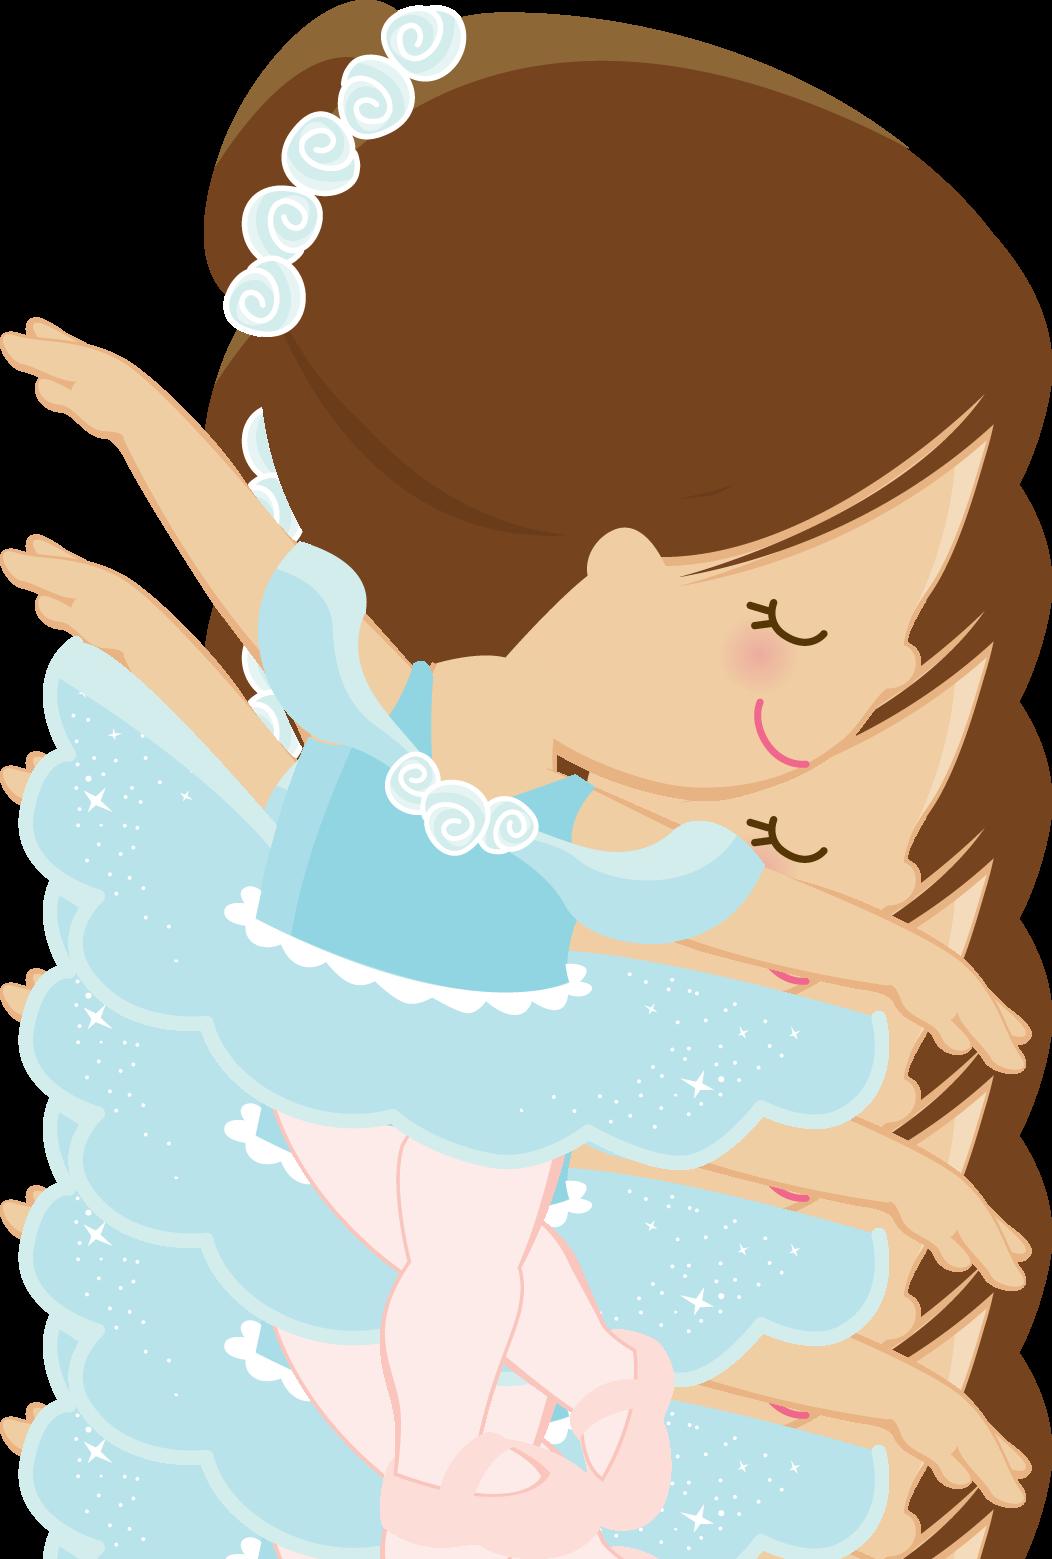 ballet minus - Buscar con Google